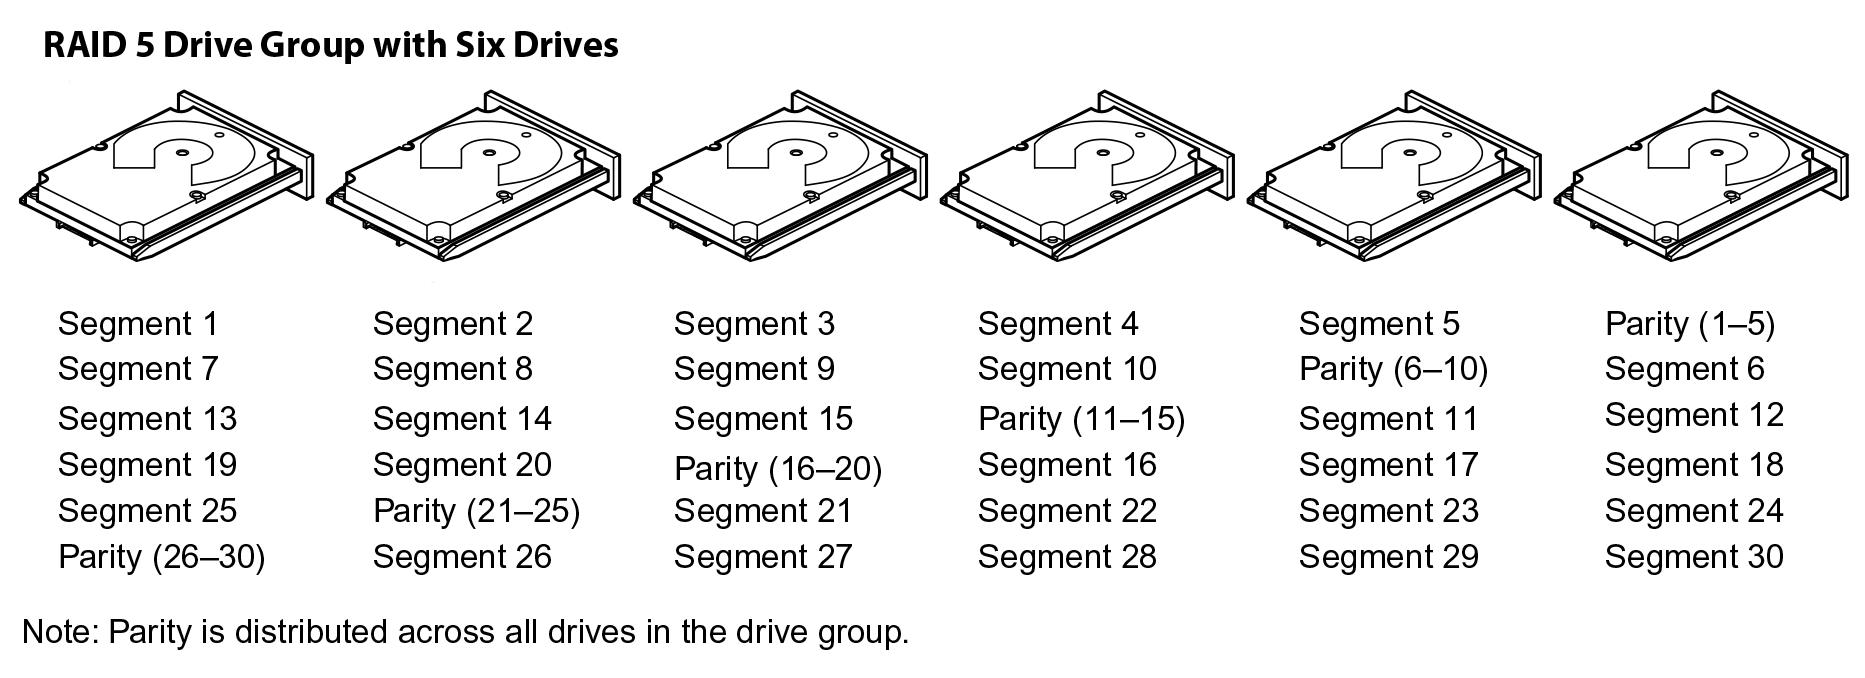 Делимся опытом, как показывают себя SSD в рамках RAID и какой уровень массива выгоднее - 5